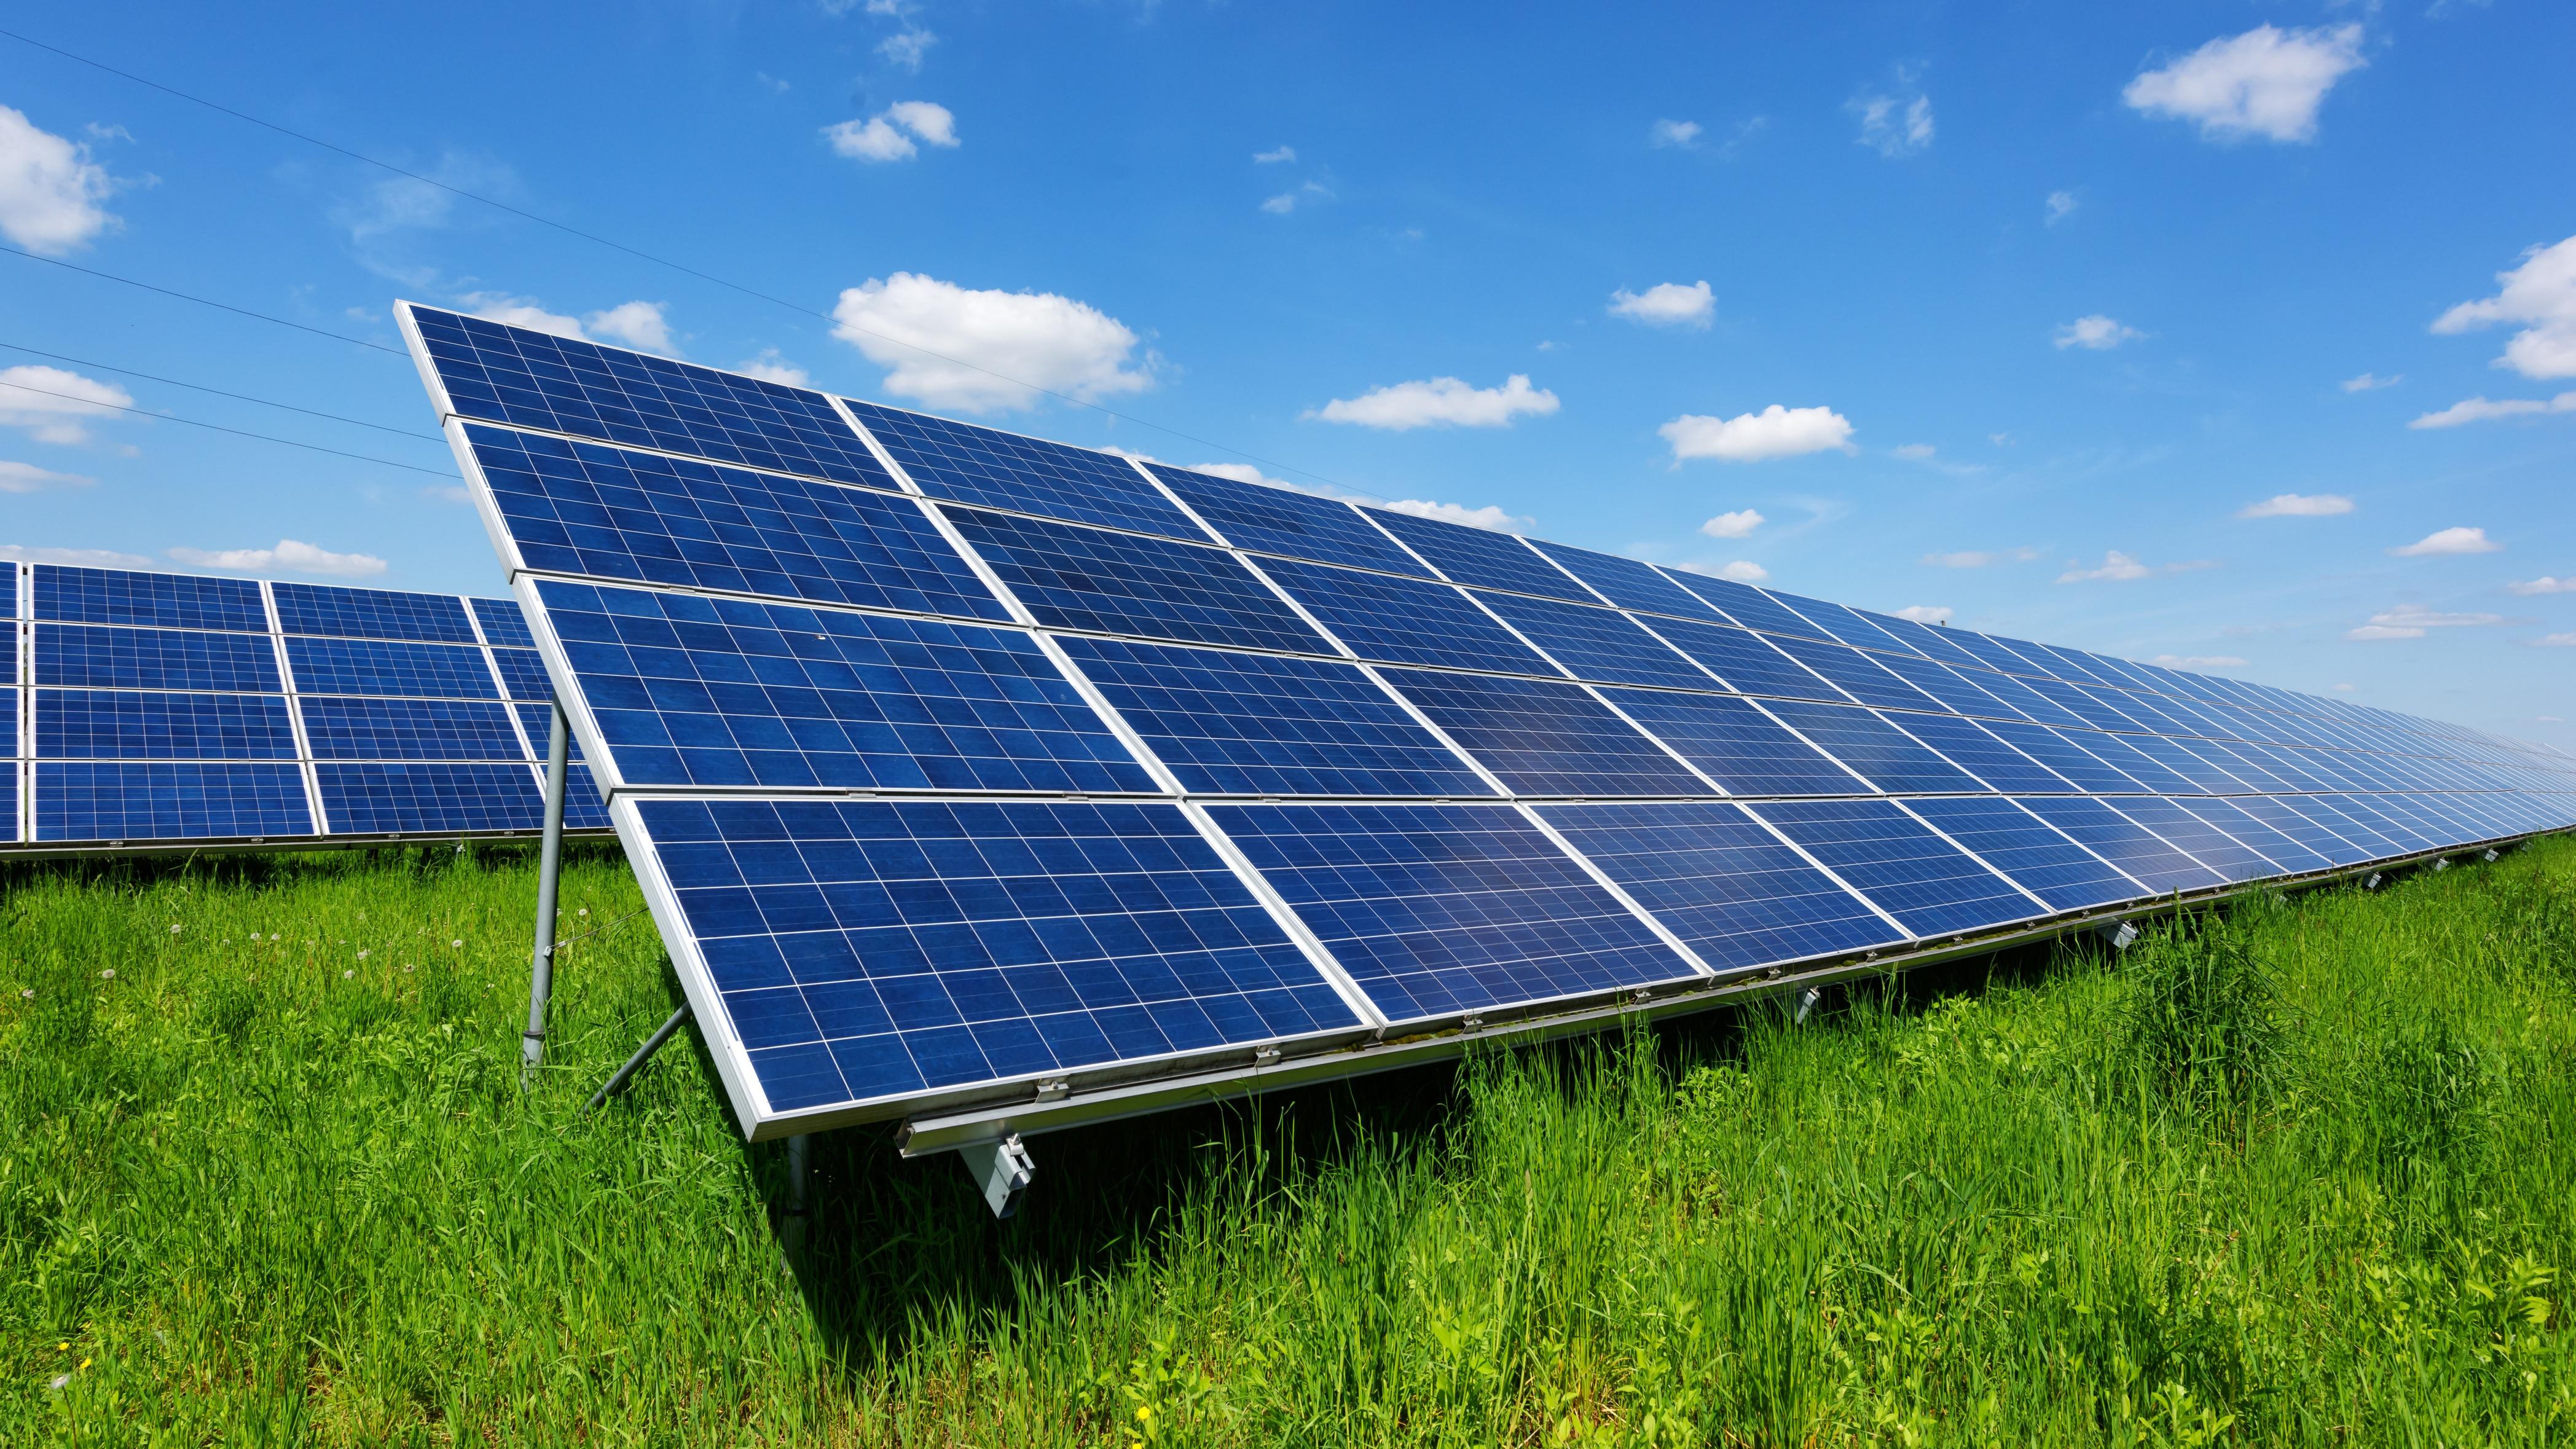 Sweden S Solar Industry Sees Bright Future Despite